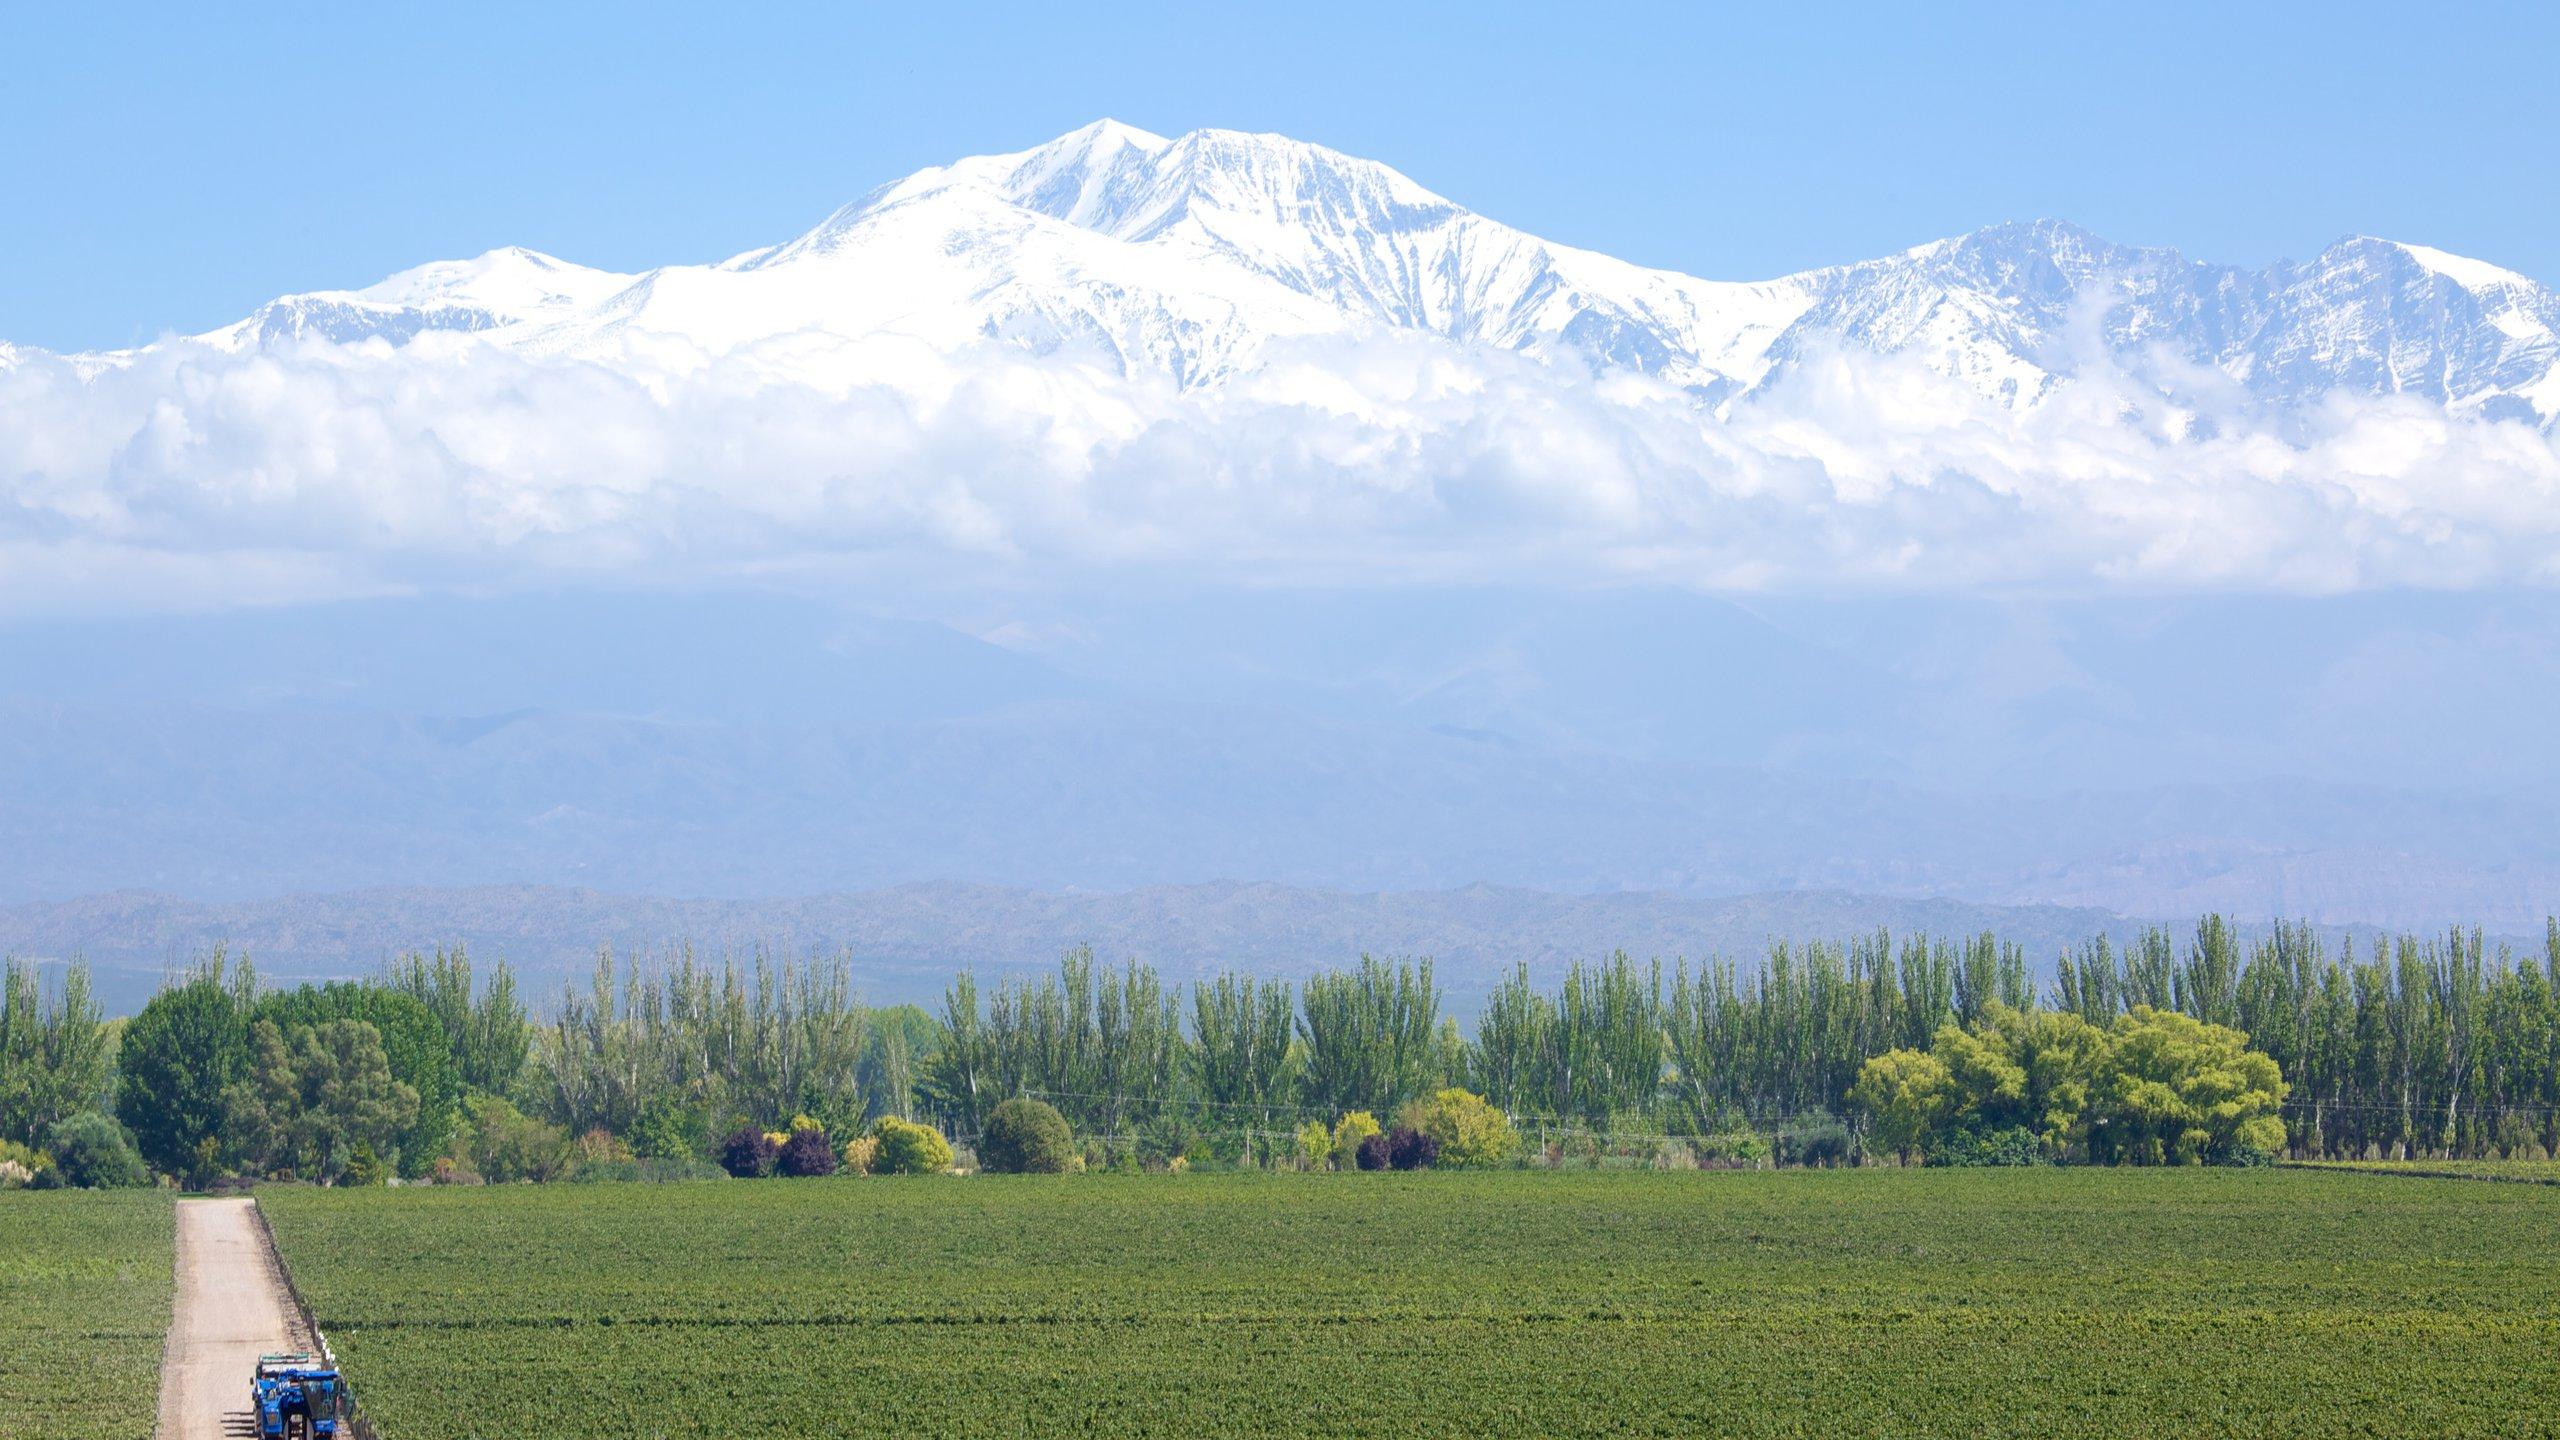 Ugarteche, Mendoza (province), Argentine